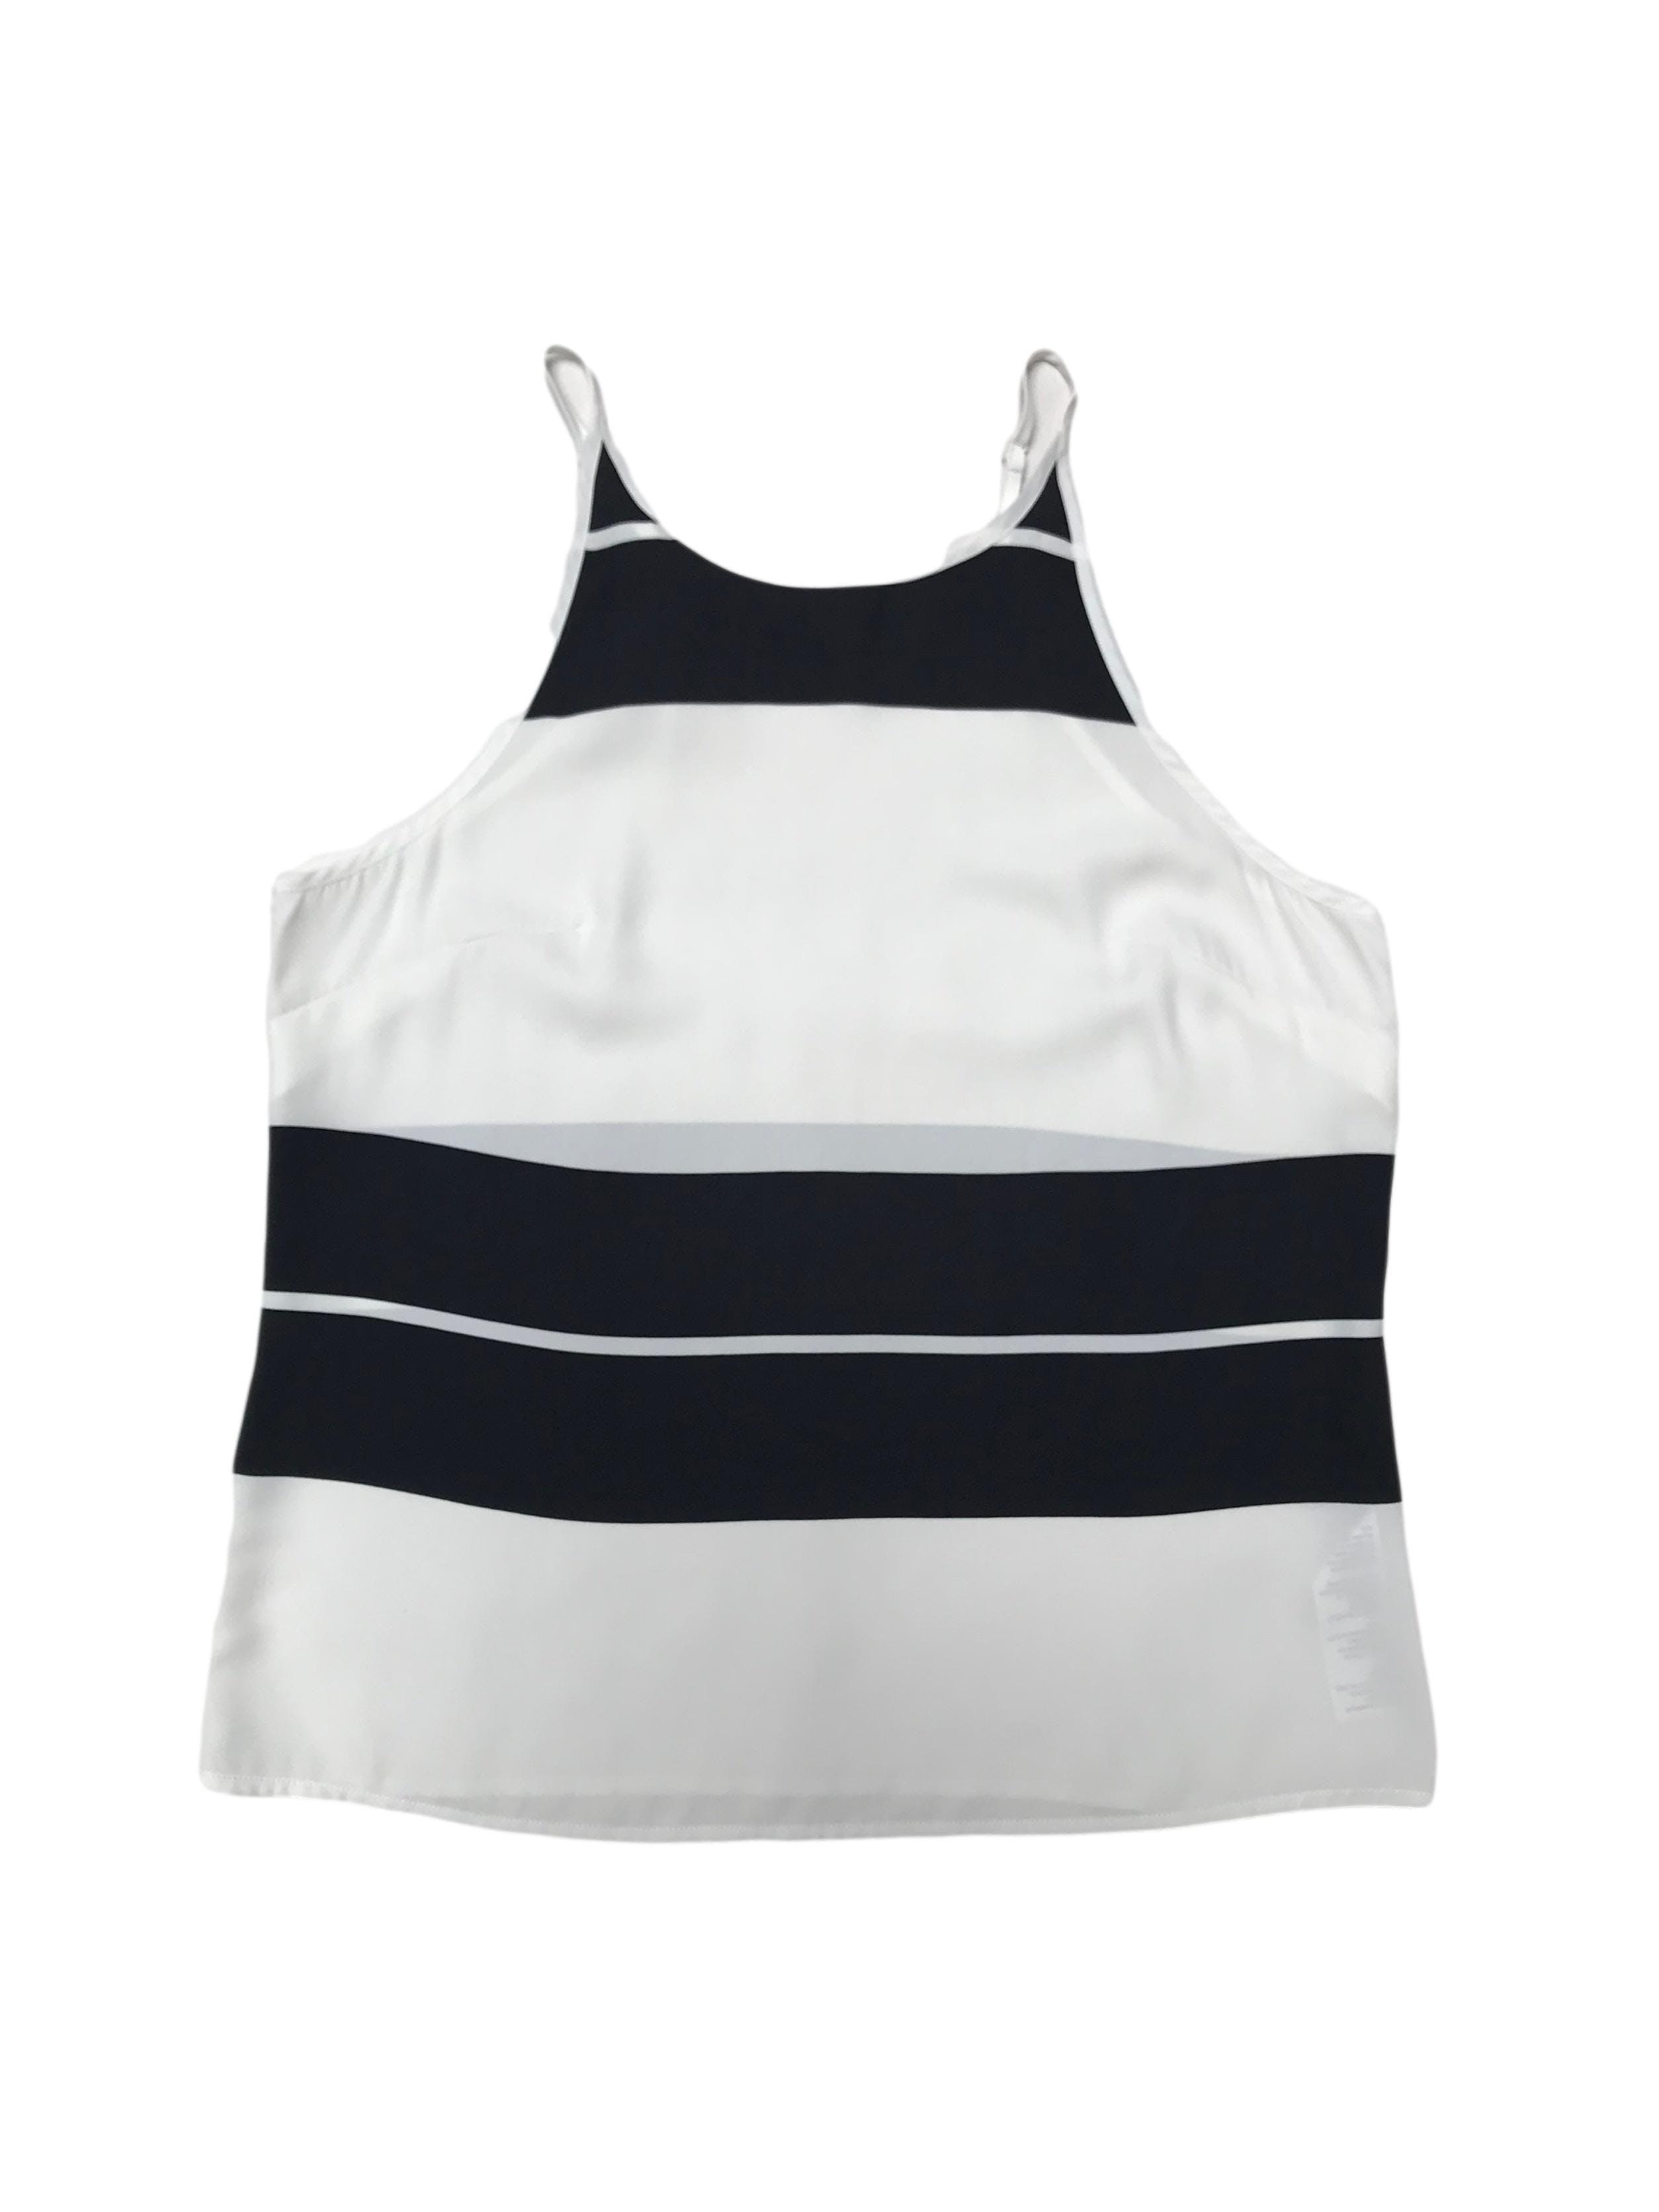 Blusa Basement de tiritas regulables, tela plana blanca con franjas negras